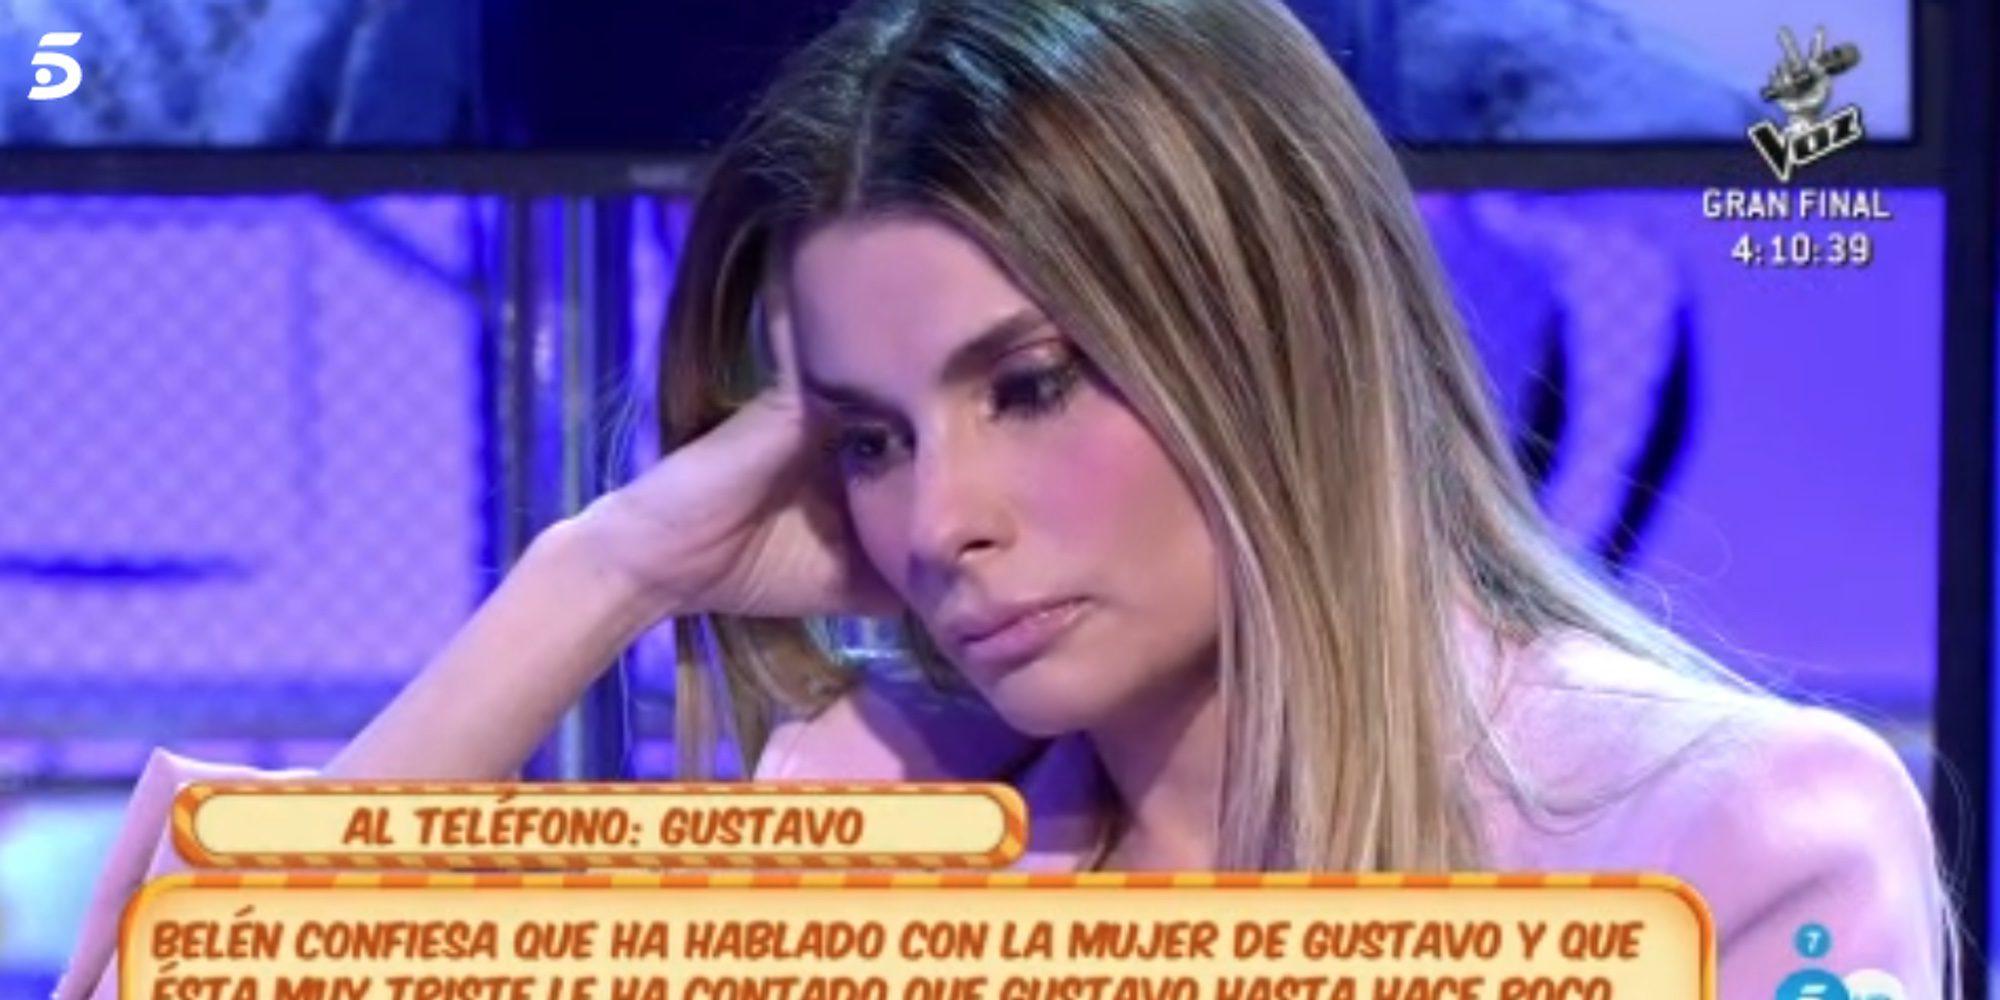 La conversación más tensa entre María Lapiedra y Gustavo González en directo